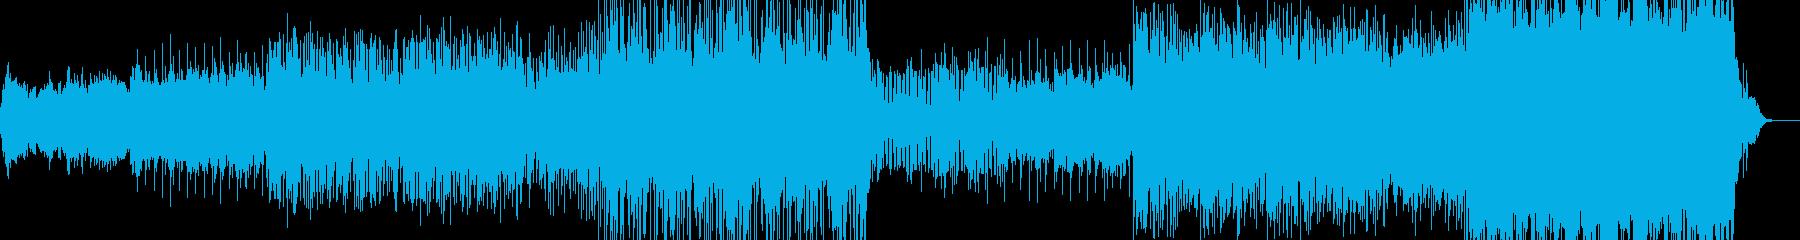 映像のためのアジア風音楽ー宮廷の再生済みの波形